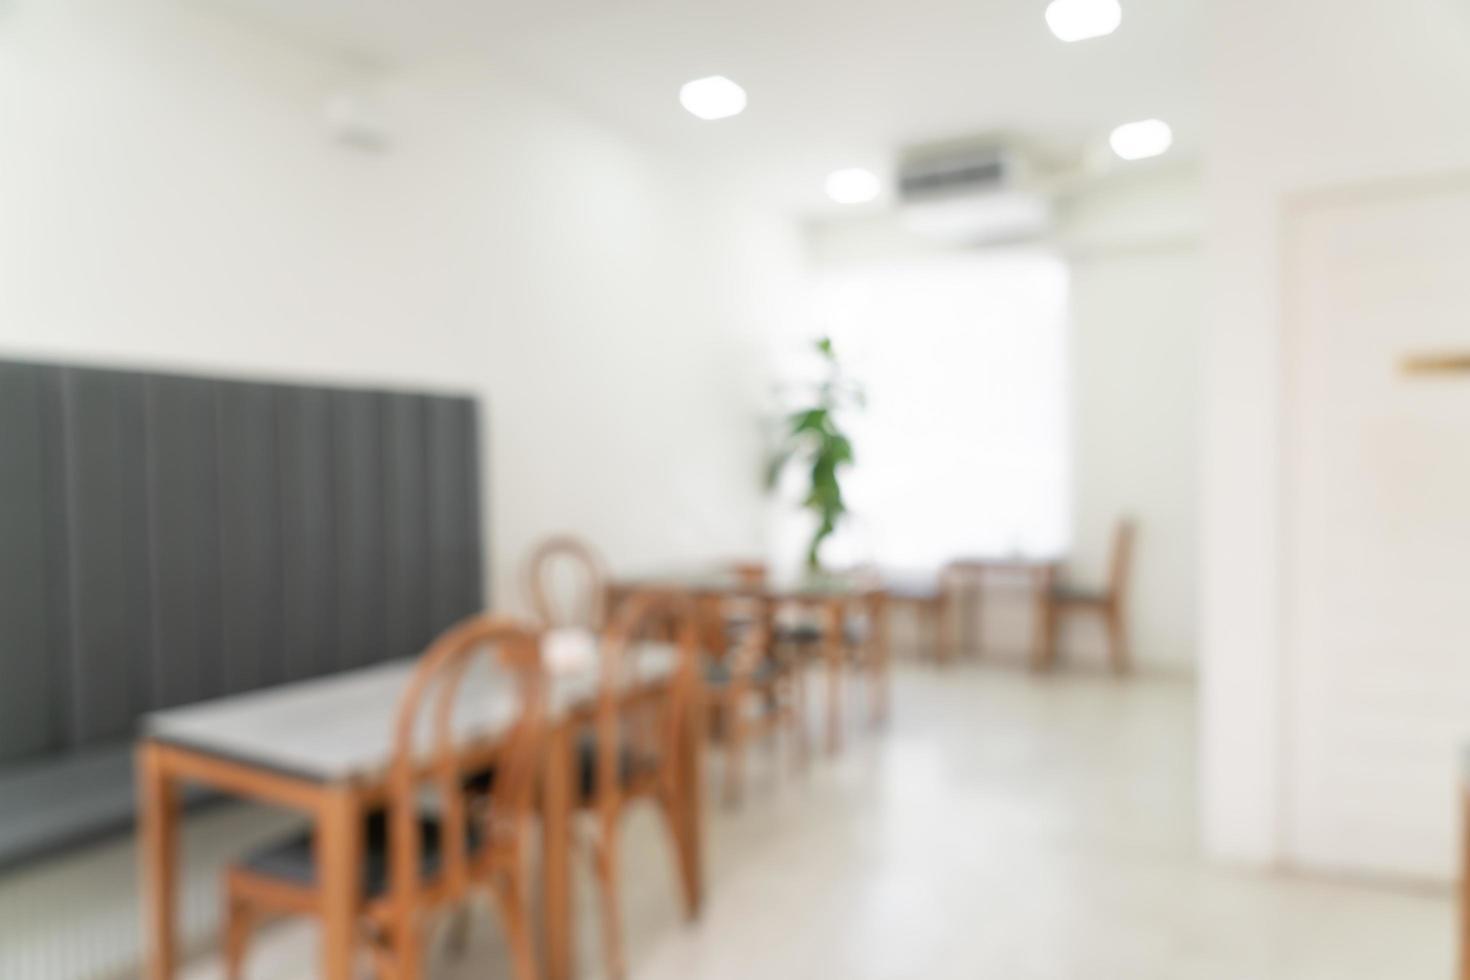 abstrakt oskärpa kafé och kaférestaurang för bakgrund foto